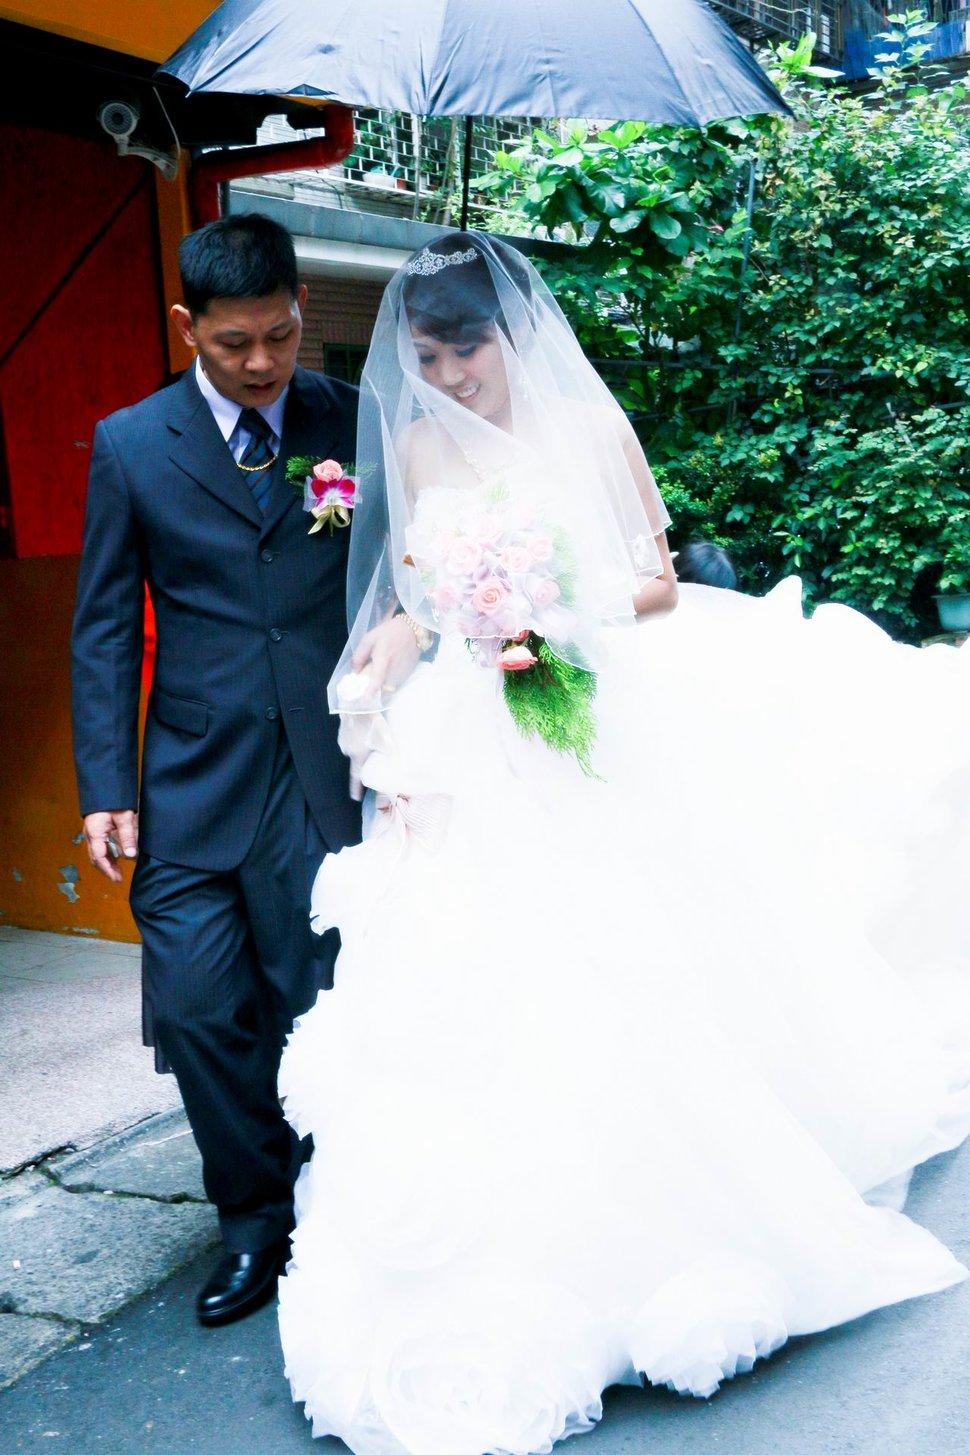 板橋吉立定結餐廳迎娶文定婚禮記錄結婚迎娶婚禮攝影動態微電影錄影專業錄影平面攝影影婚禮主持人(編號:196980) - 蜜月拍照10800錄影12800攝影團隊 - 結婚吧